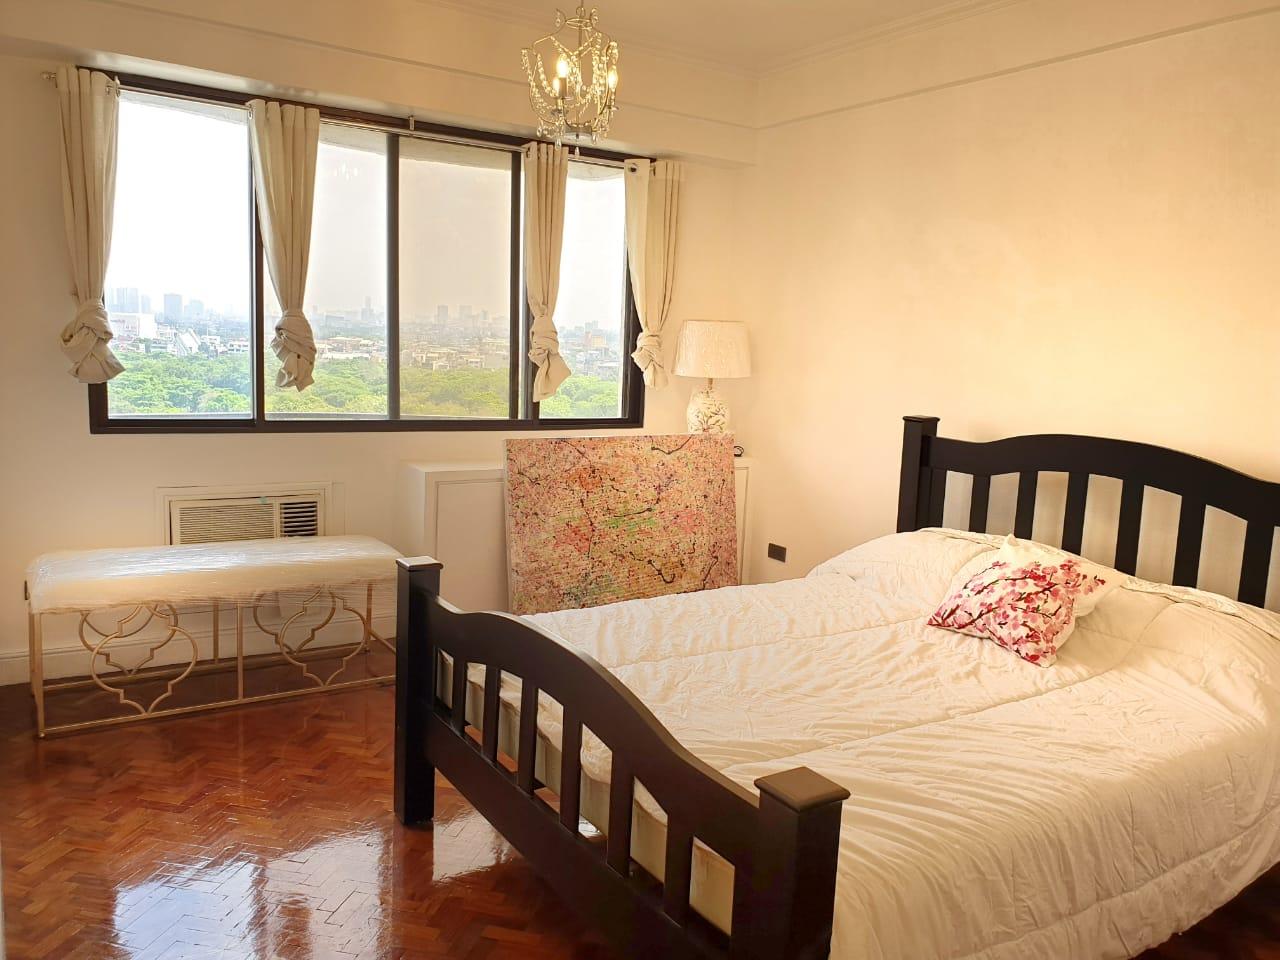 3BR Condo For Sale, Le Metropole Condominium, Makati City 5